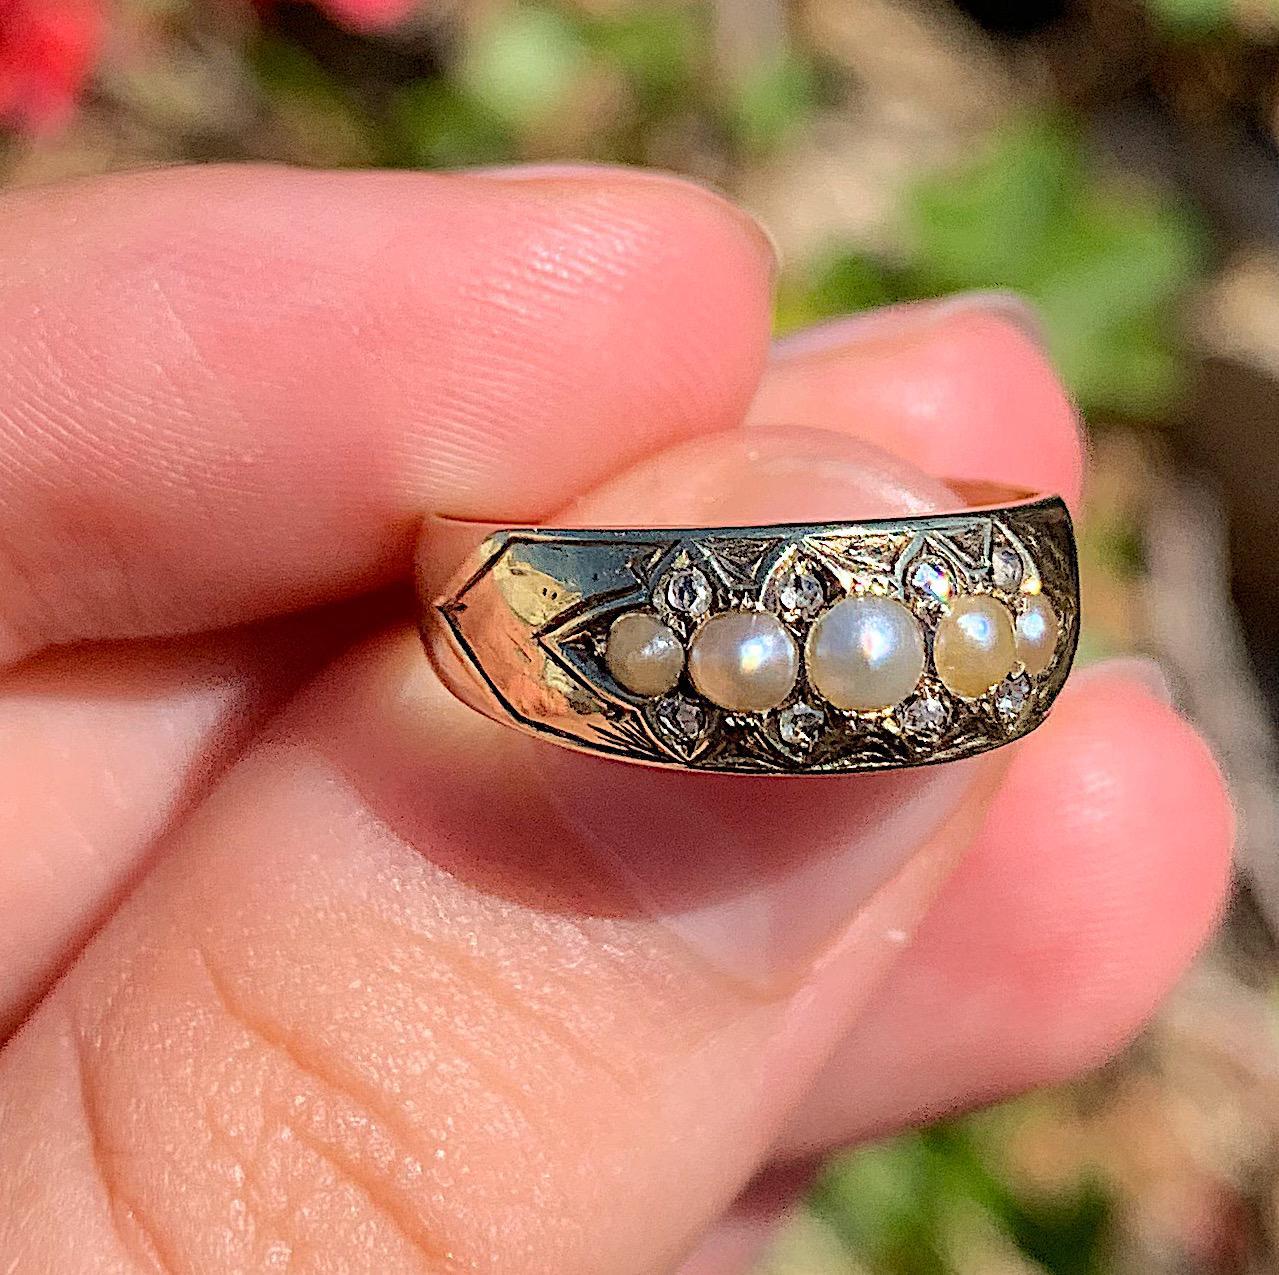 טבעת ויקטוריאנית זהב 15k עם פניני ים ויהלומים.